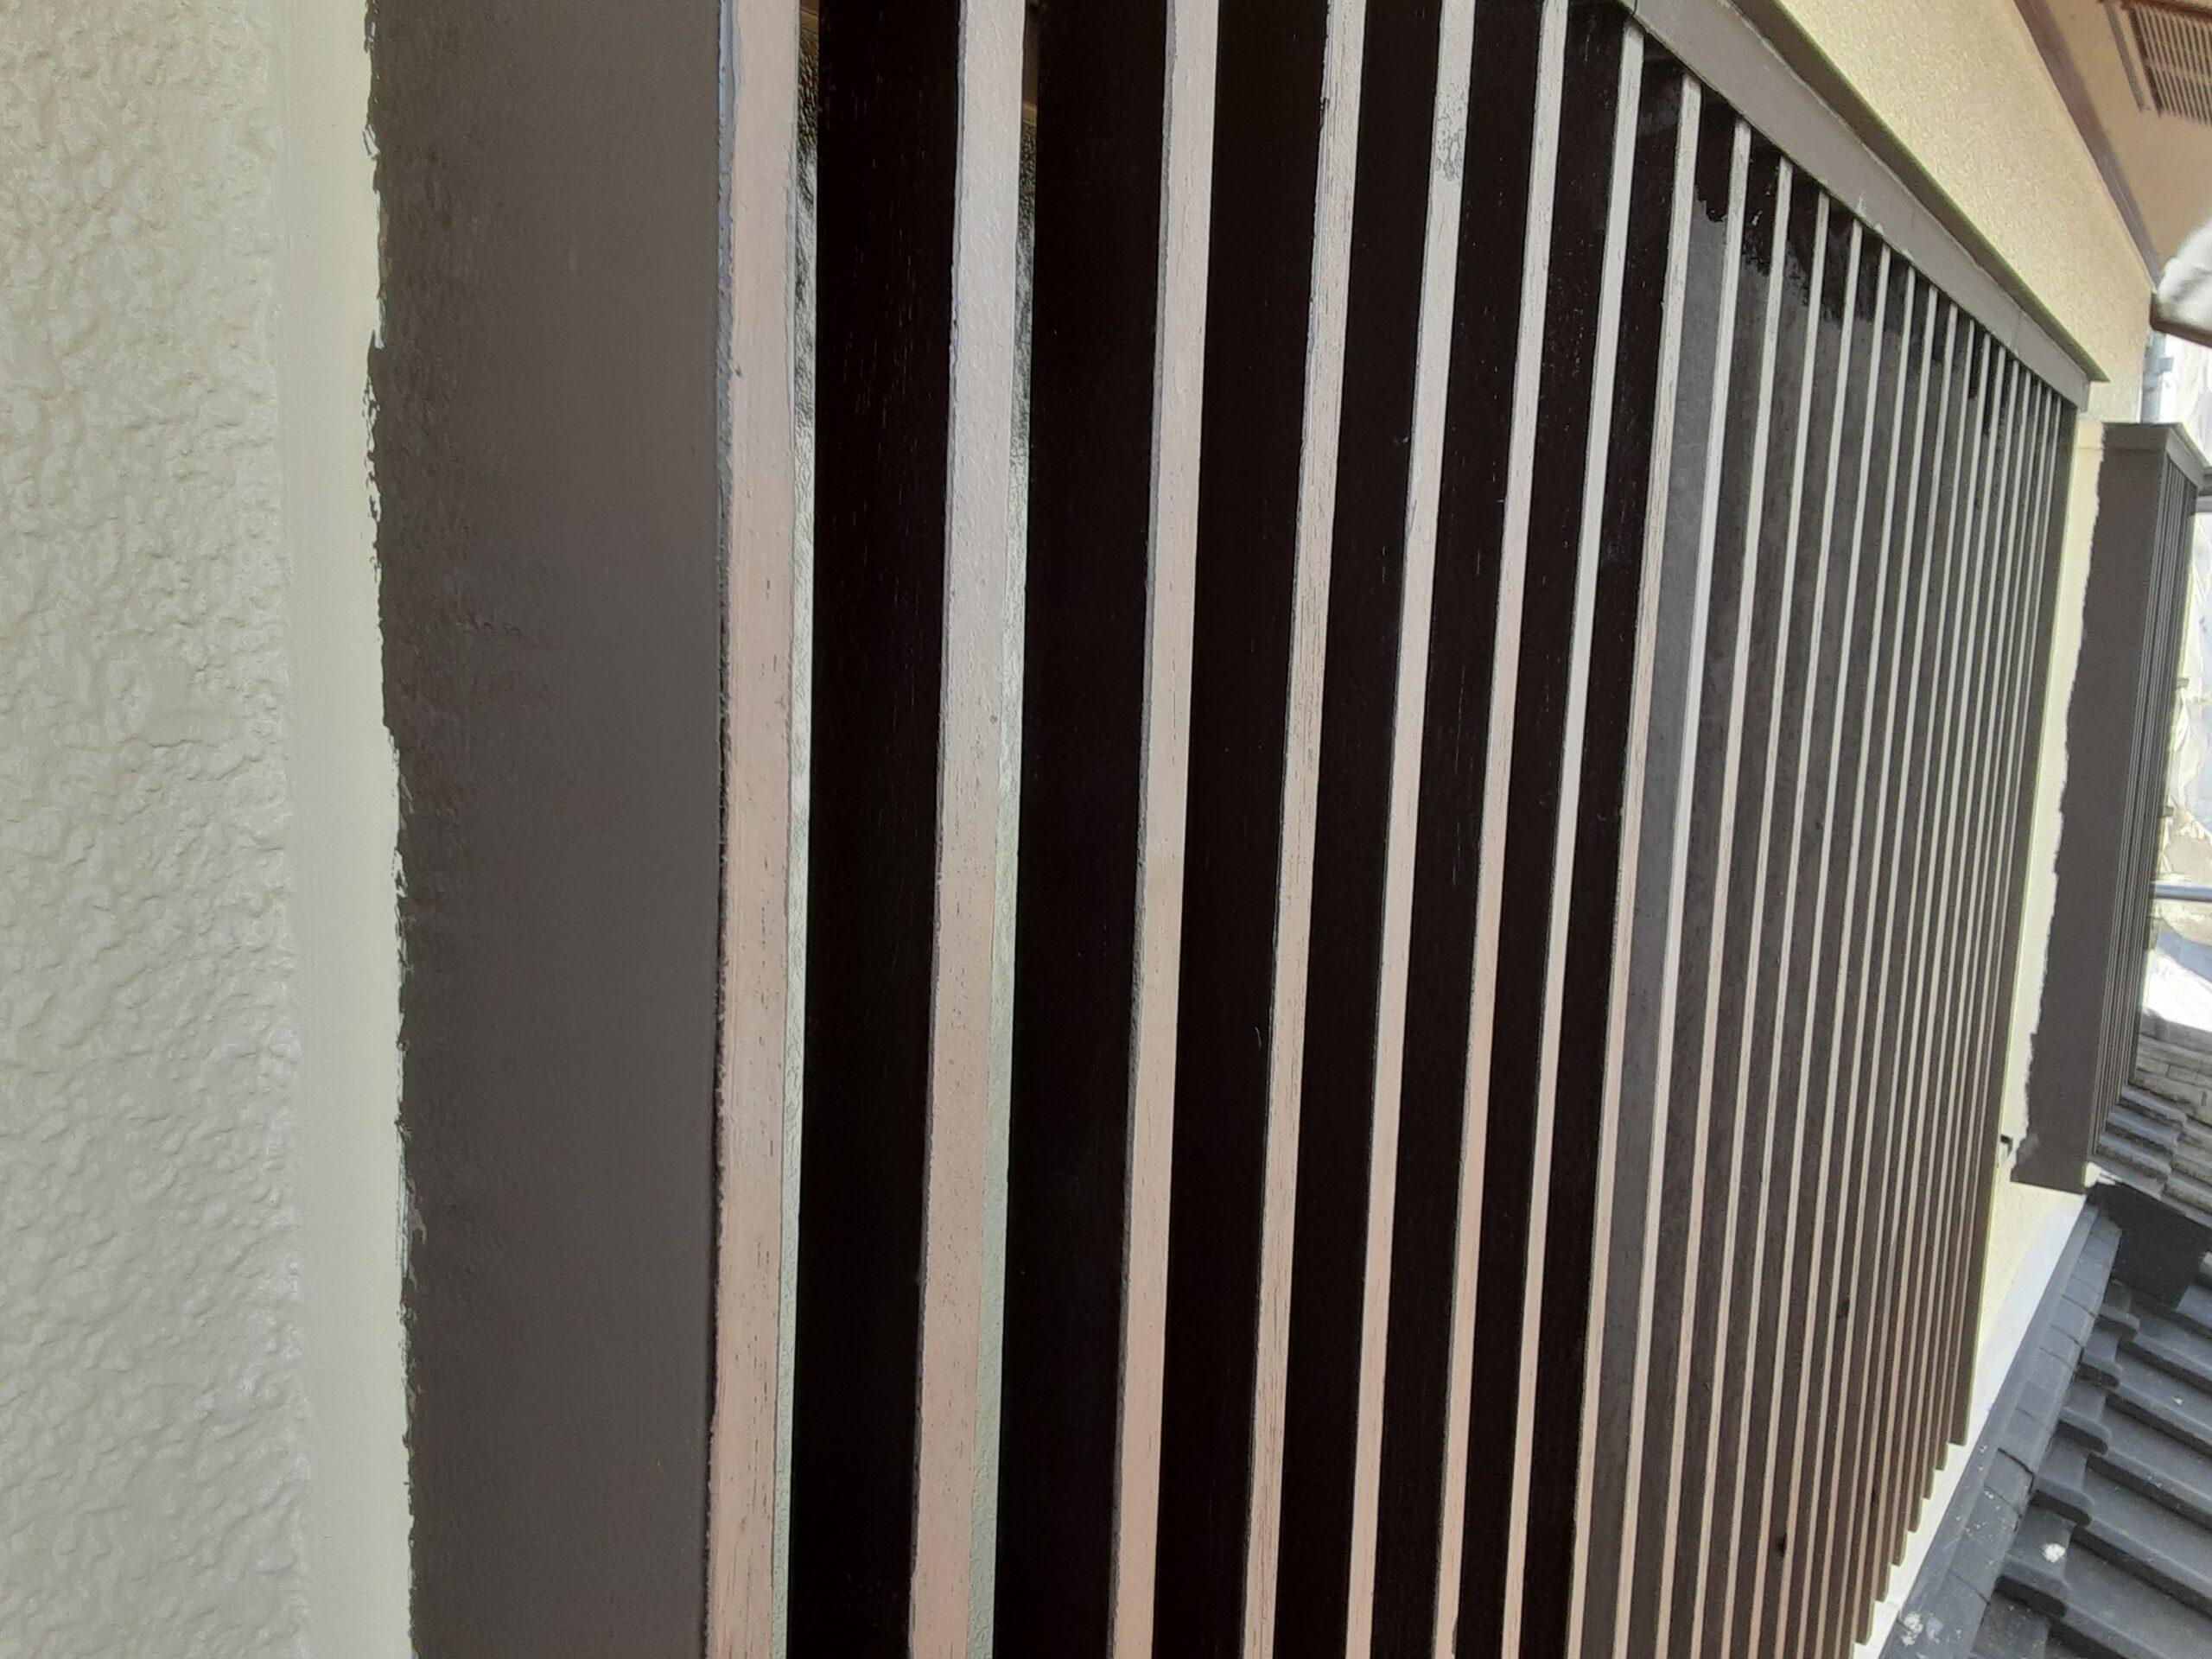 さいたま市見沼区のS様邸(木造2階建て)にて木部・鉄部の塗装工事